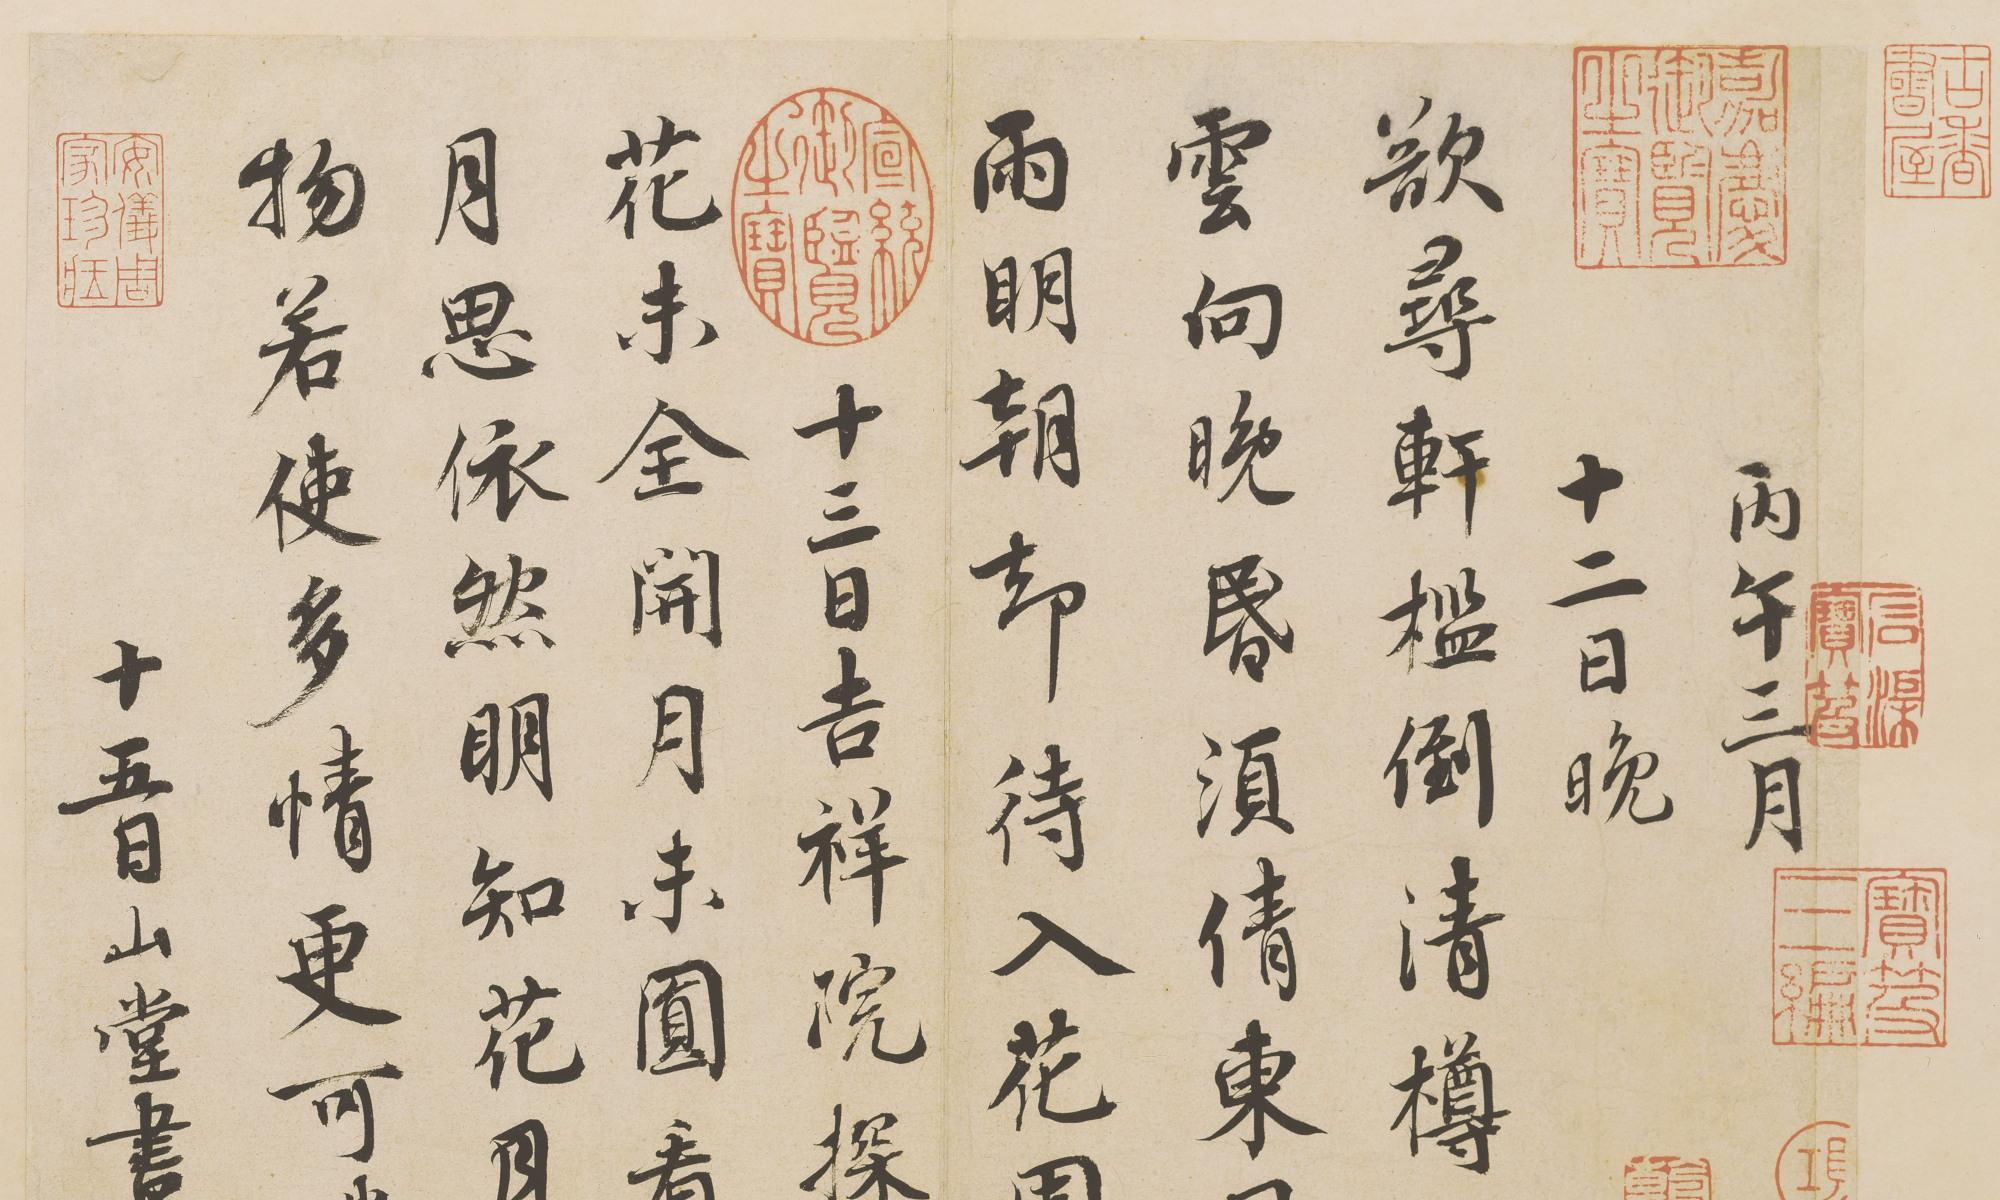 米芾和蔡襄书法差异的主要原因